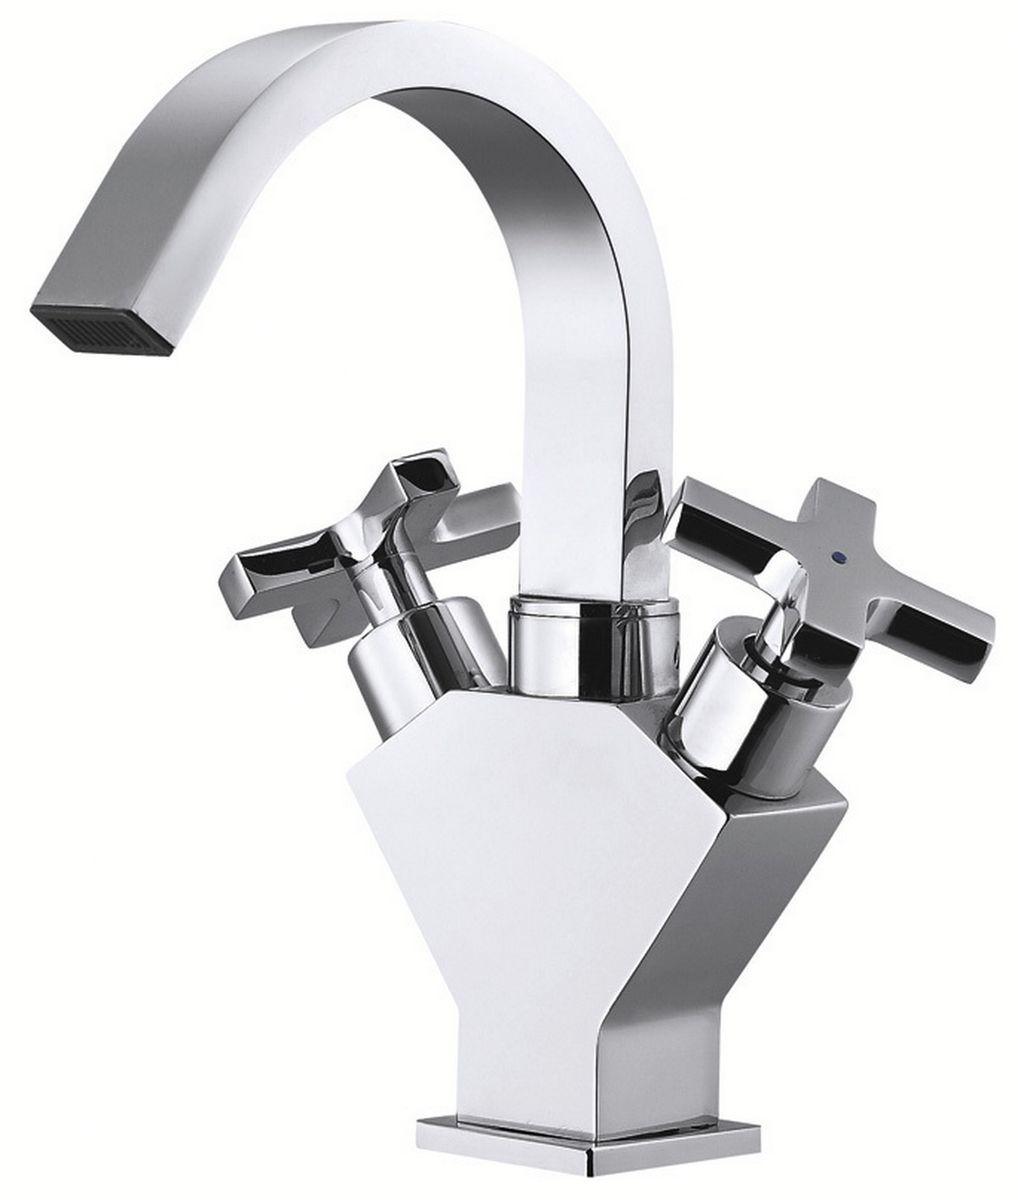 Смеситель для умывальника Argo Quattro, керамический, высота 19,5 см гарнитуры душевые argo набор для биде лейка шланг кронштейн argo dina блистер